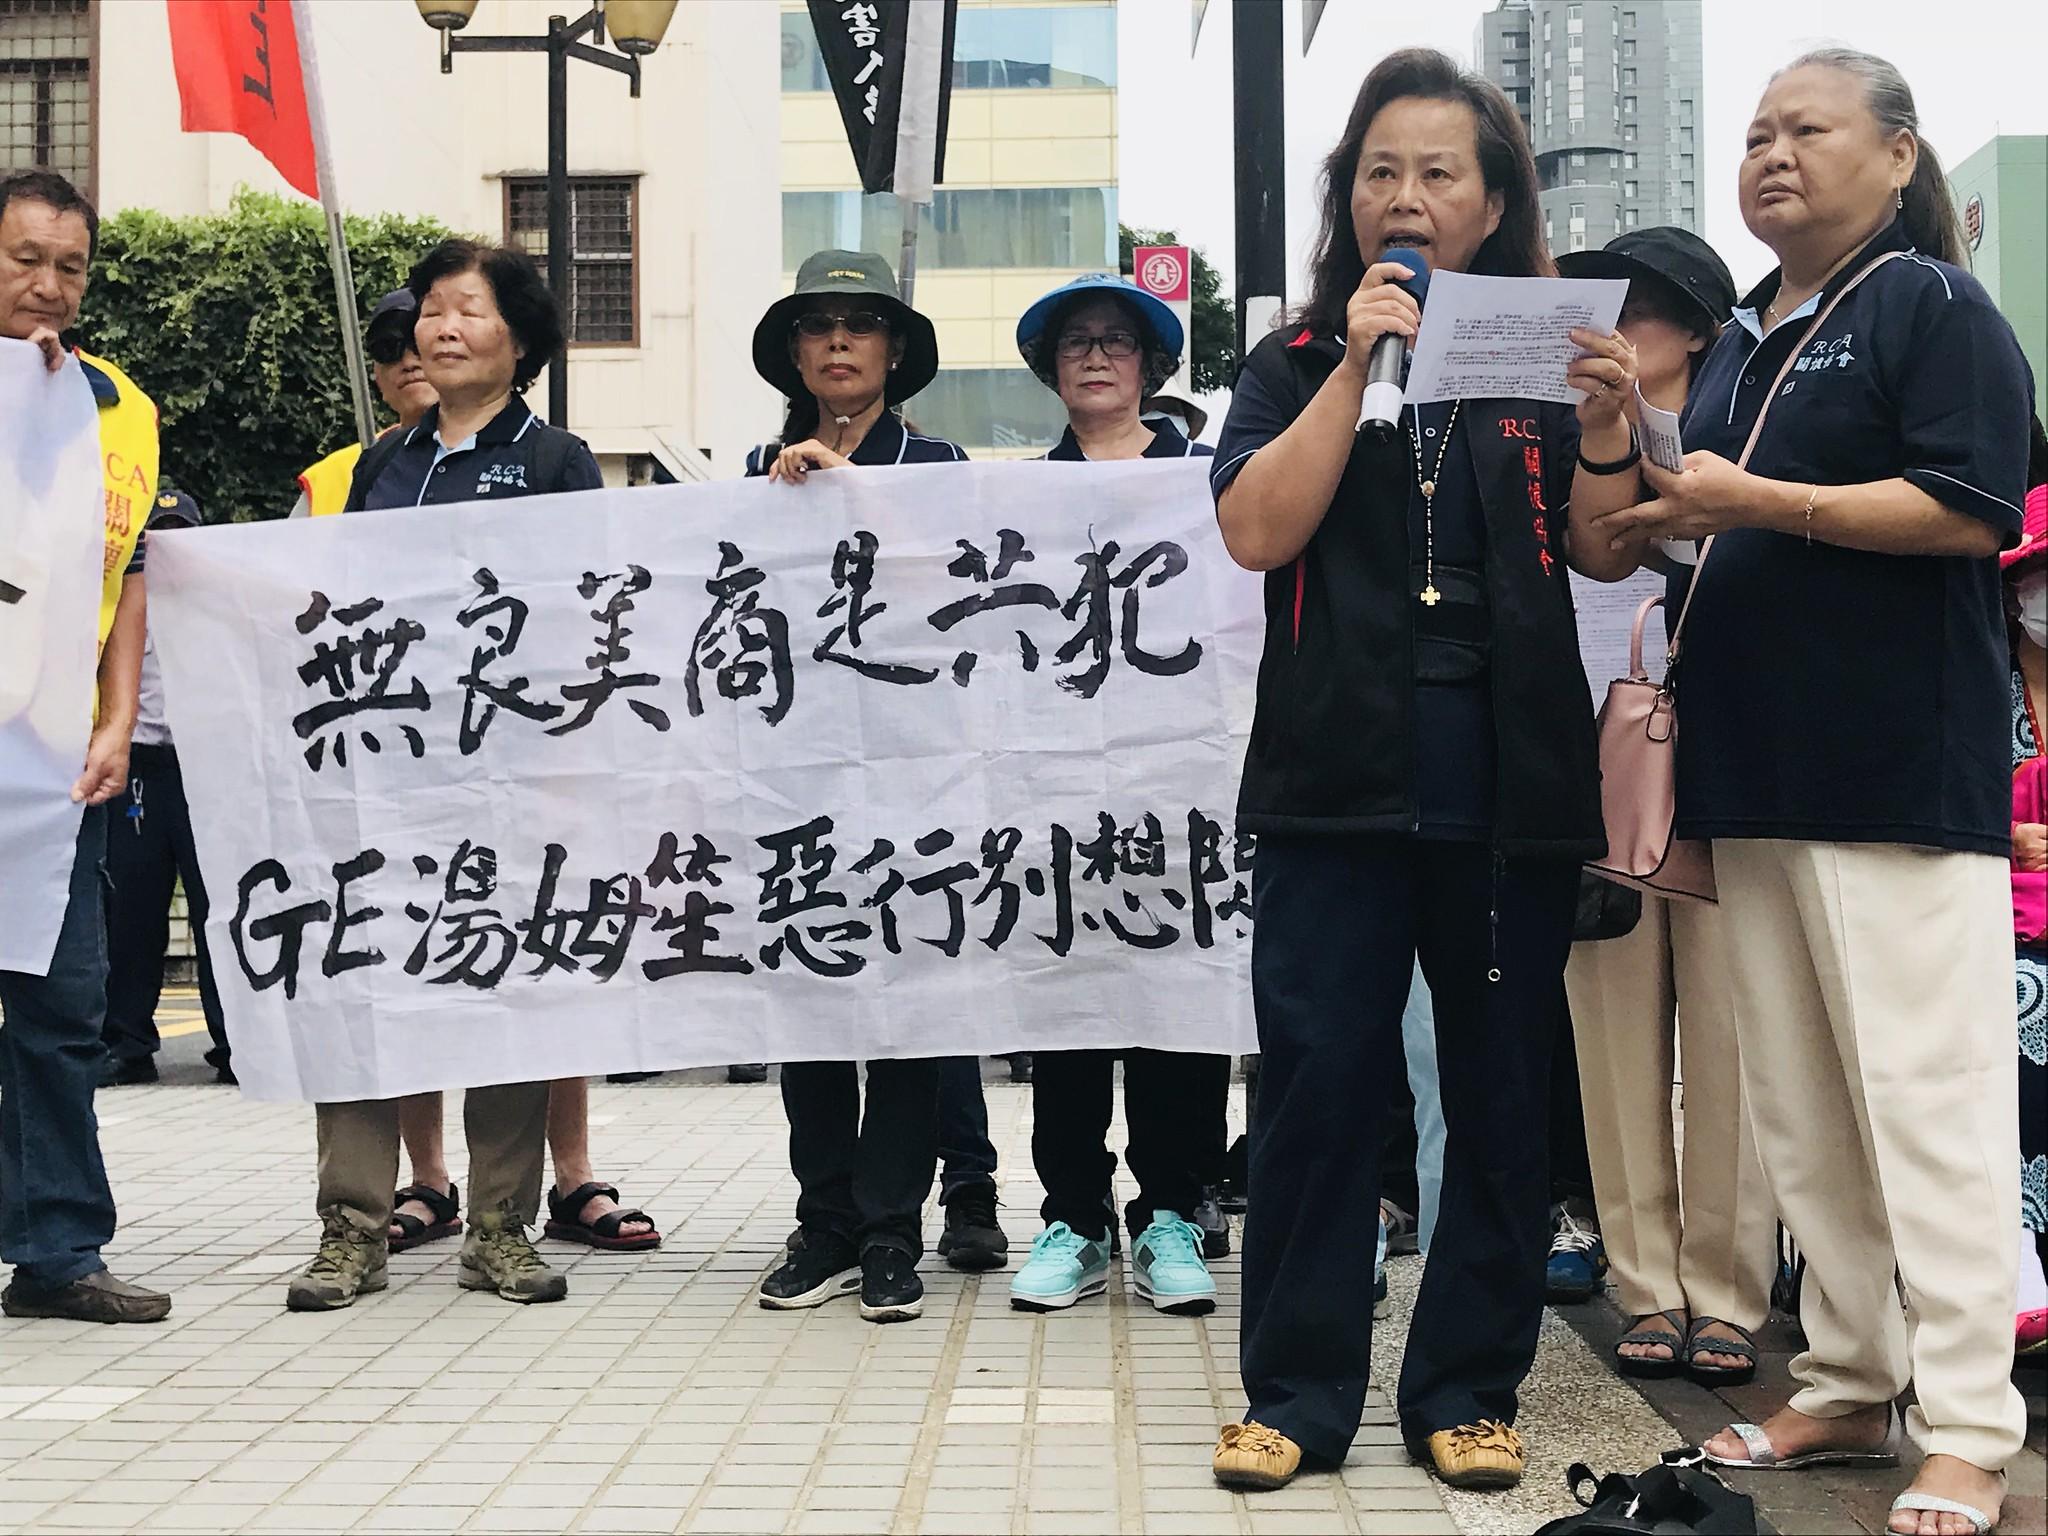 RCA員工關懷協會理事長劉荷雲指出,為殺人的RCA護航的資方團體,根本稱不上法庭之友,就是犯罪集團。(攝影:張宗坤)